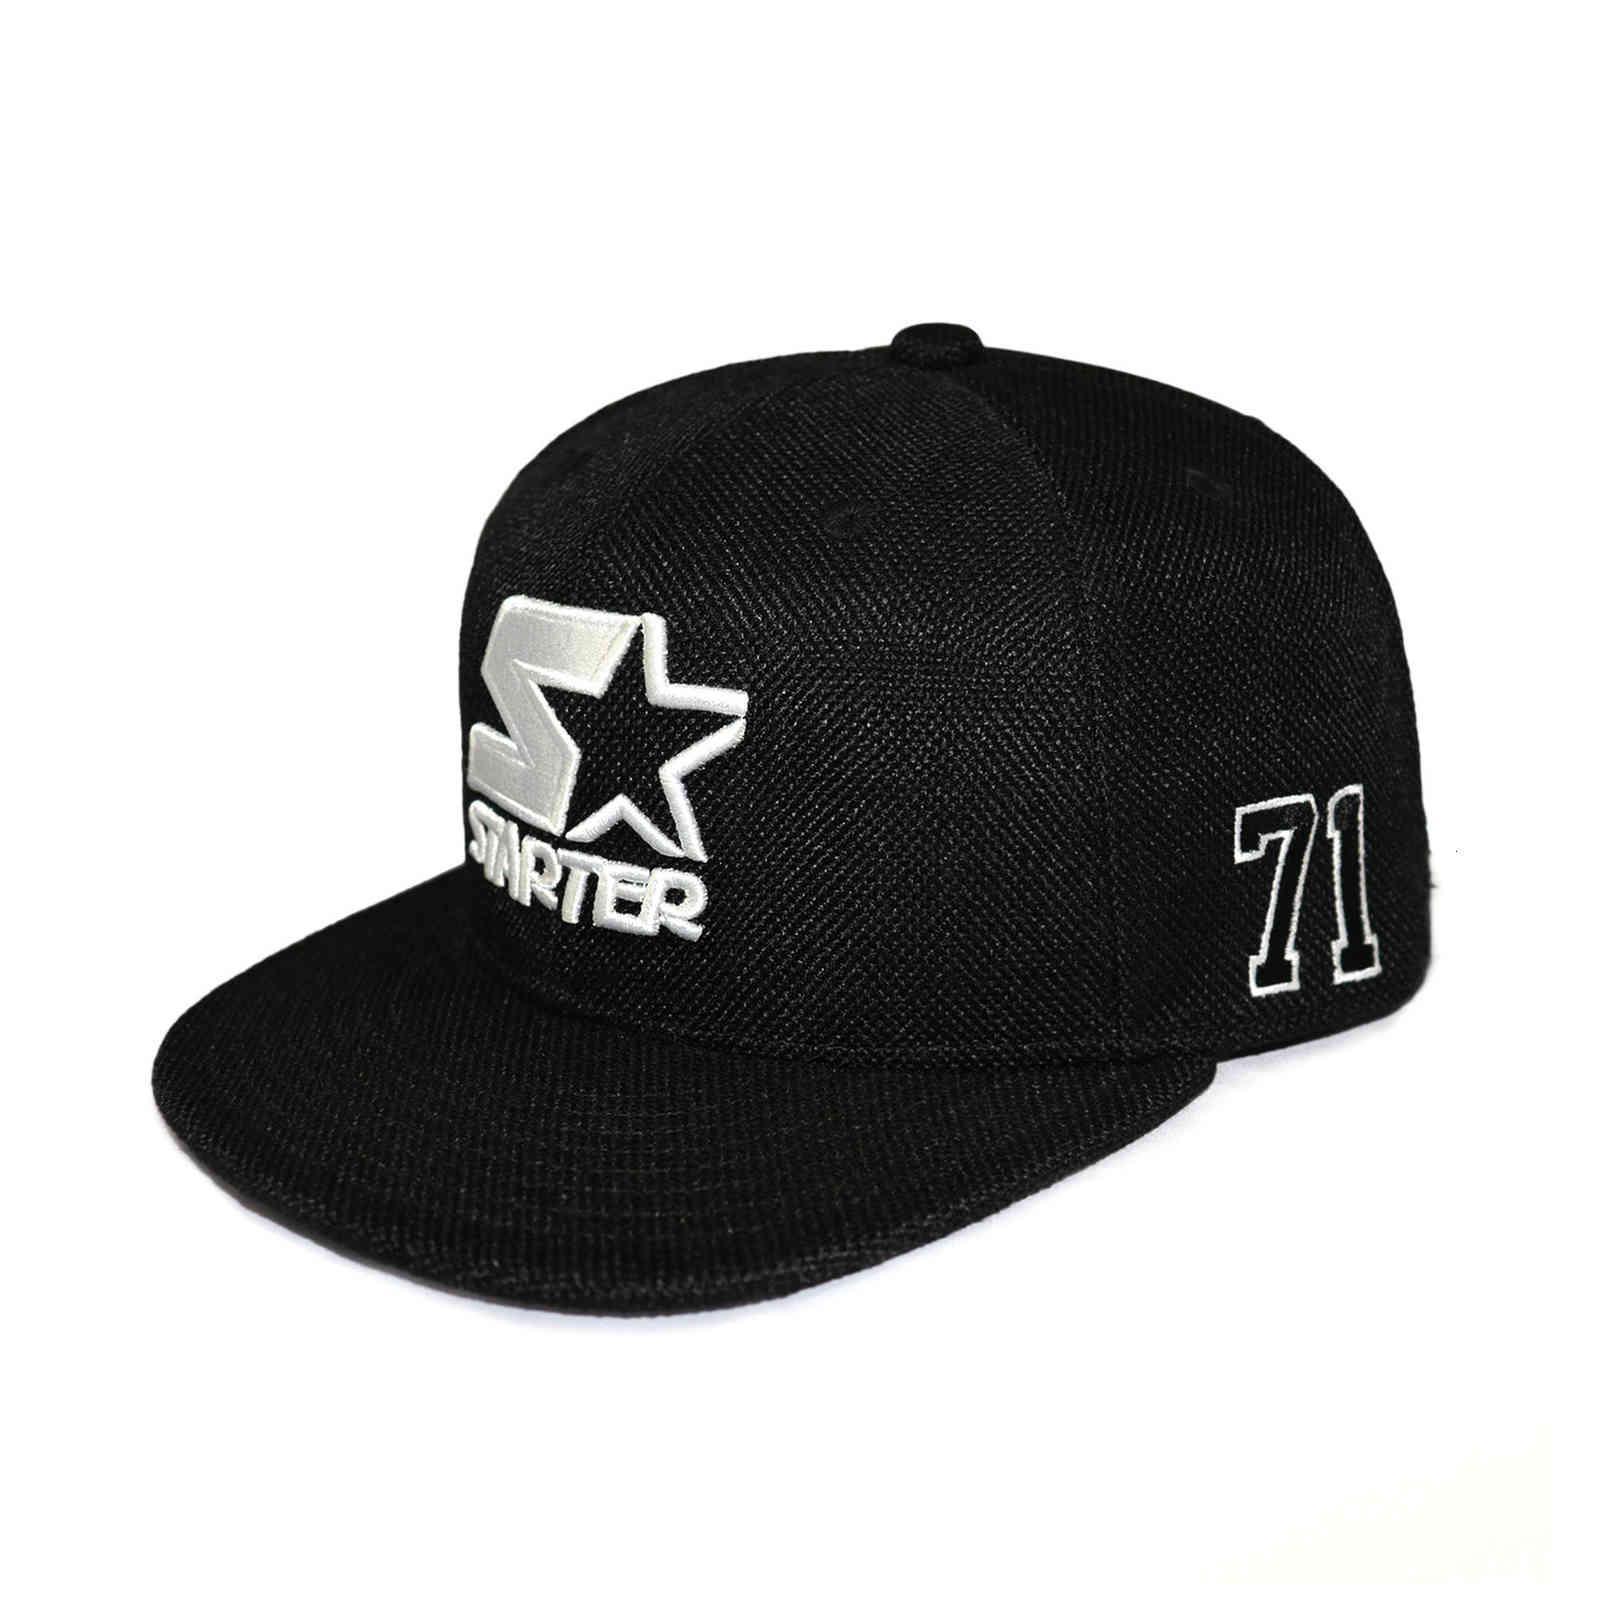 Bonés de bola impresso e bordado juventude borda plana boné de beisebol rua homem moderno marca starter hip hop chapéu